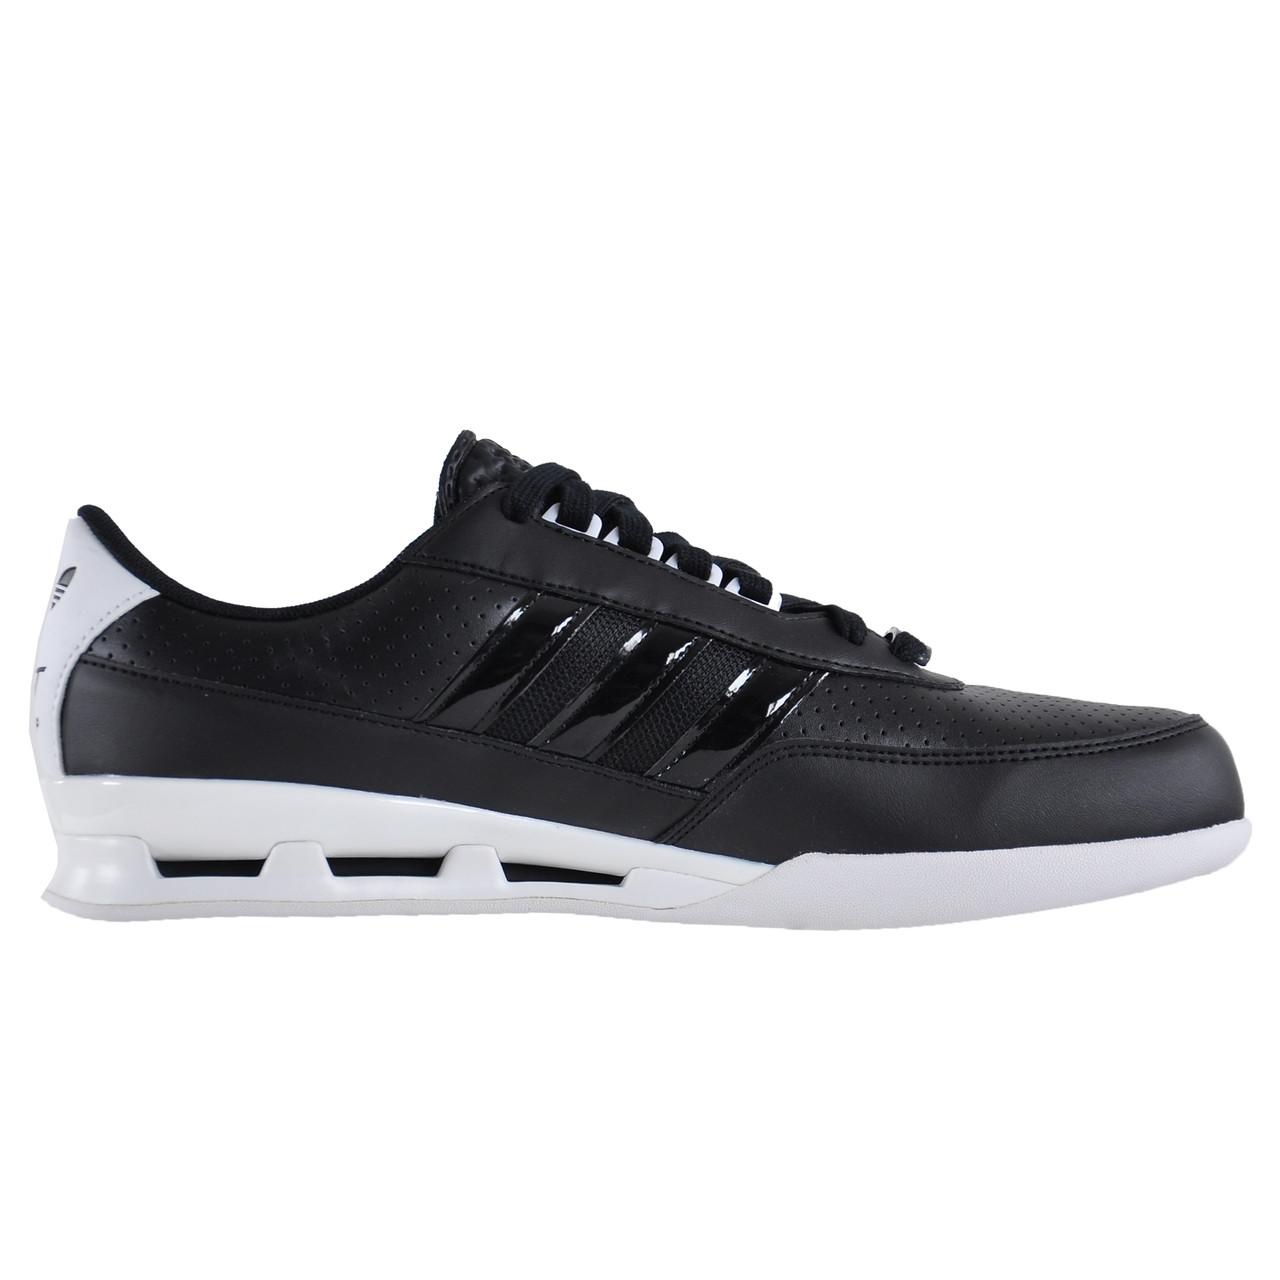 official photos b143b 273ab Кроссовки мужские Adidas porsche GT CUP F32614 - Интернет-магазин  спортивной одежды и обуви